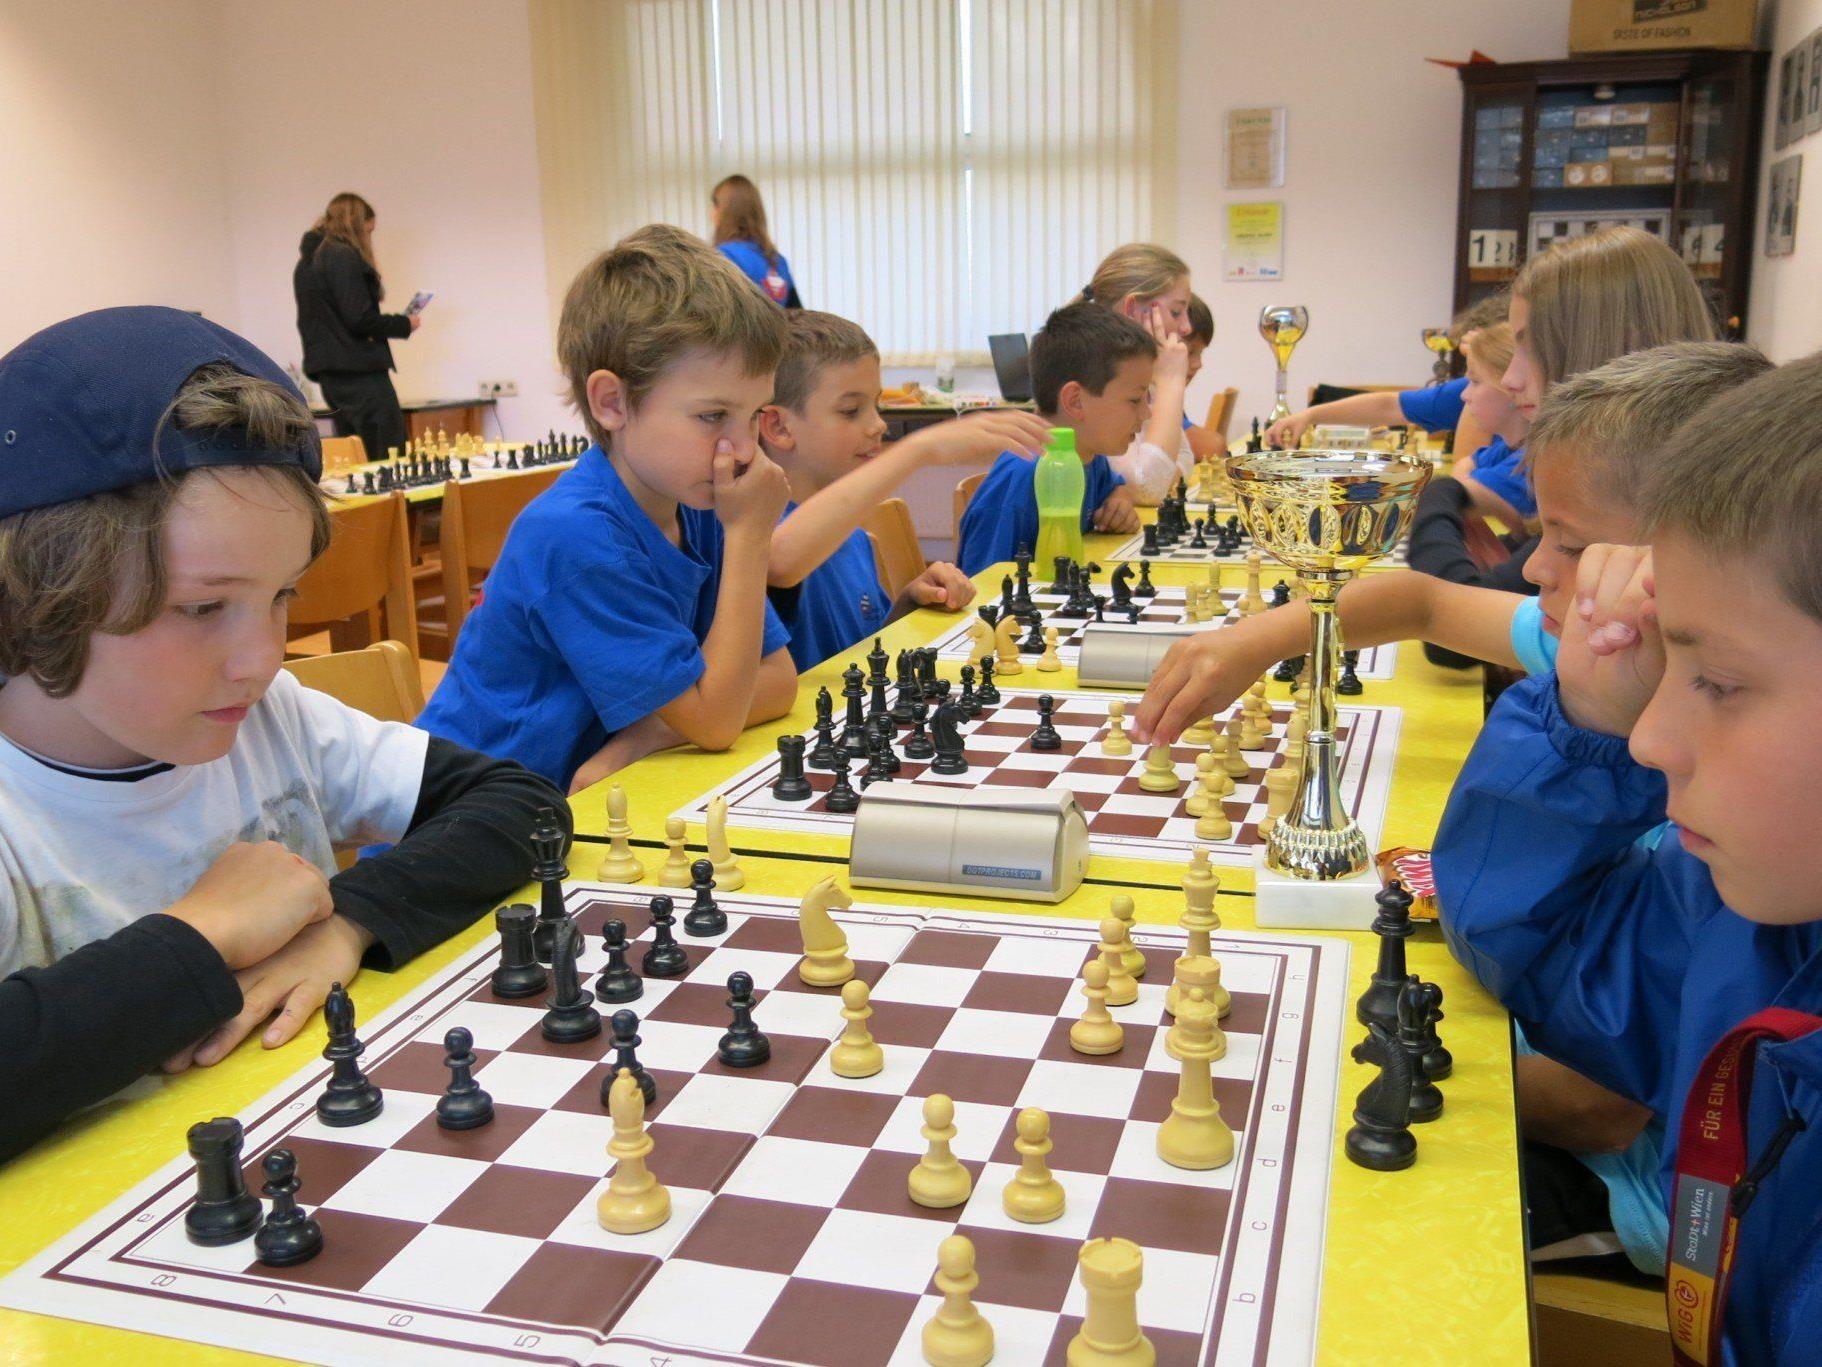 Schon die Jüngsten beherrschen die nötigen Strategien des Schachspiels.